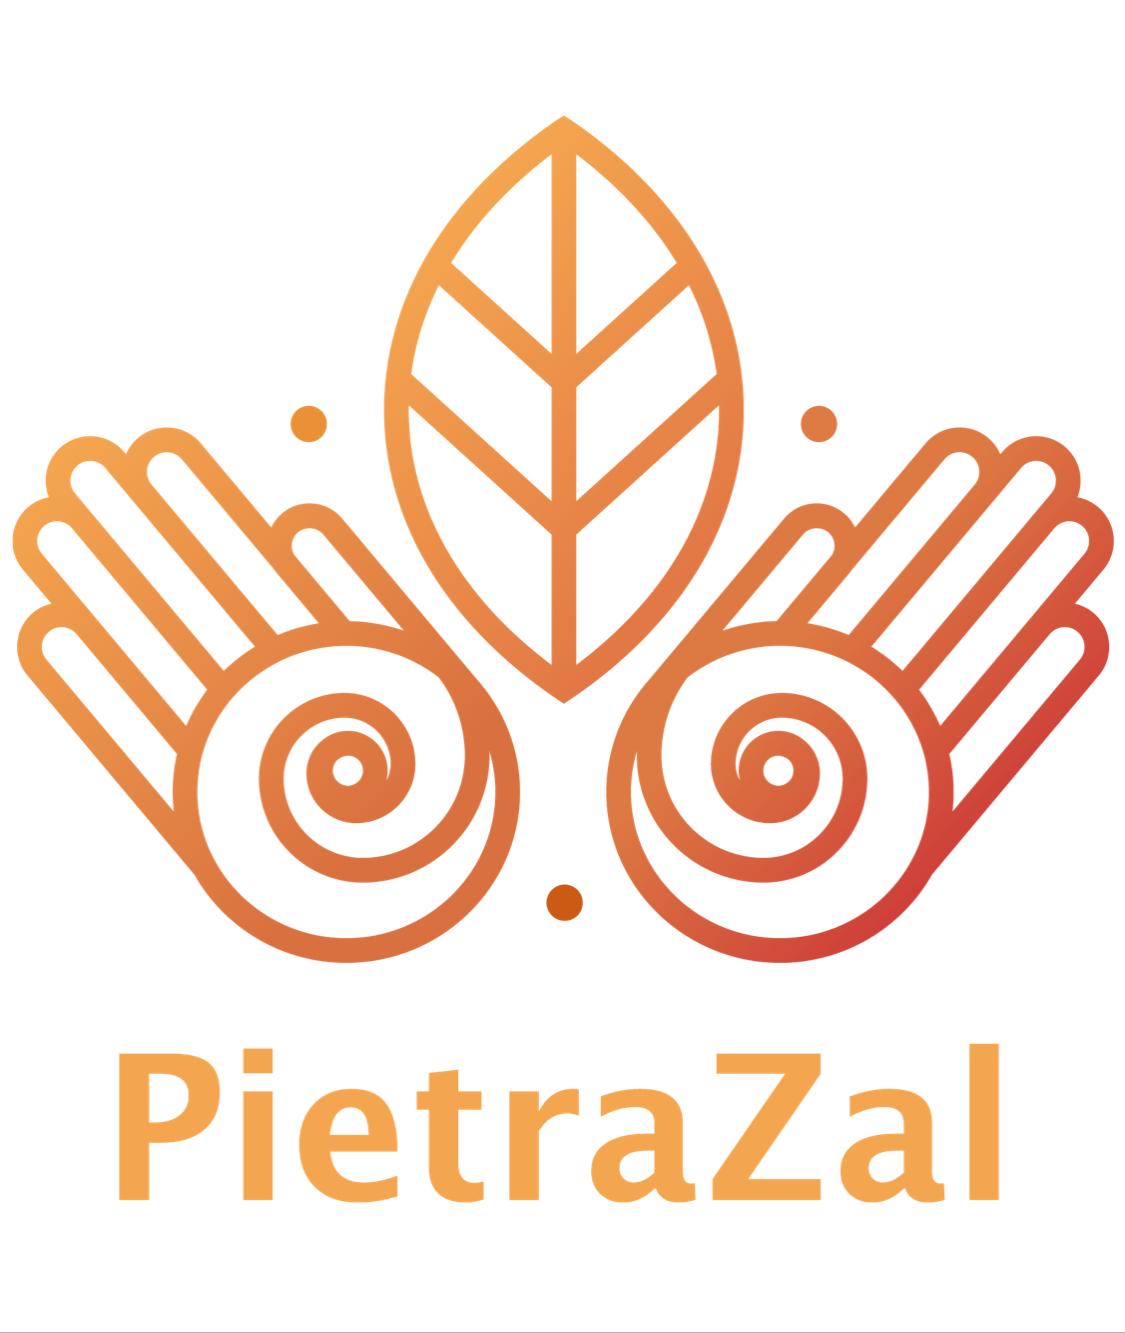 Pietra Zal